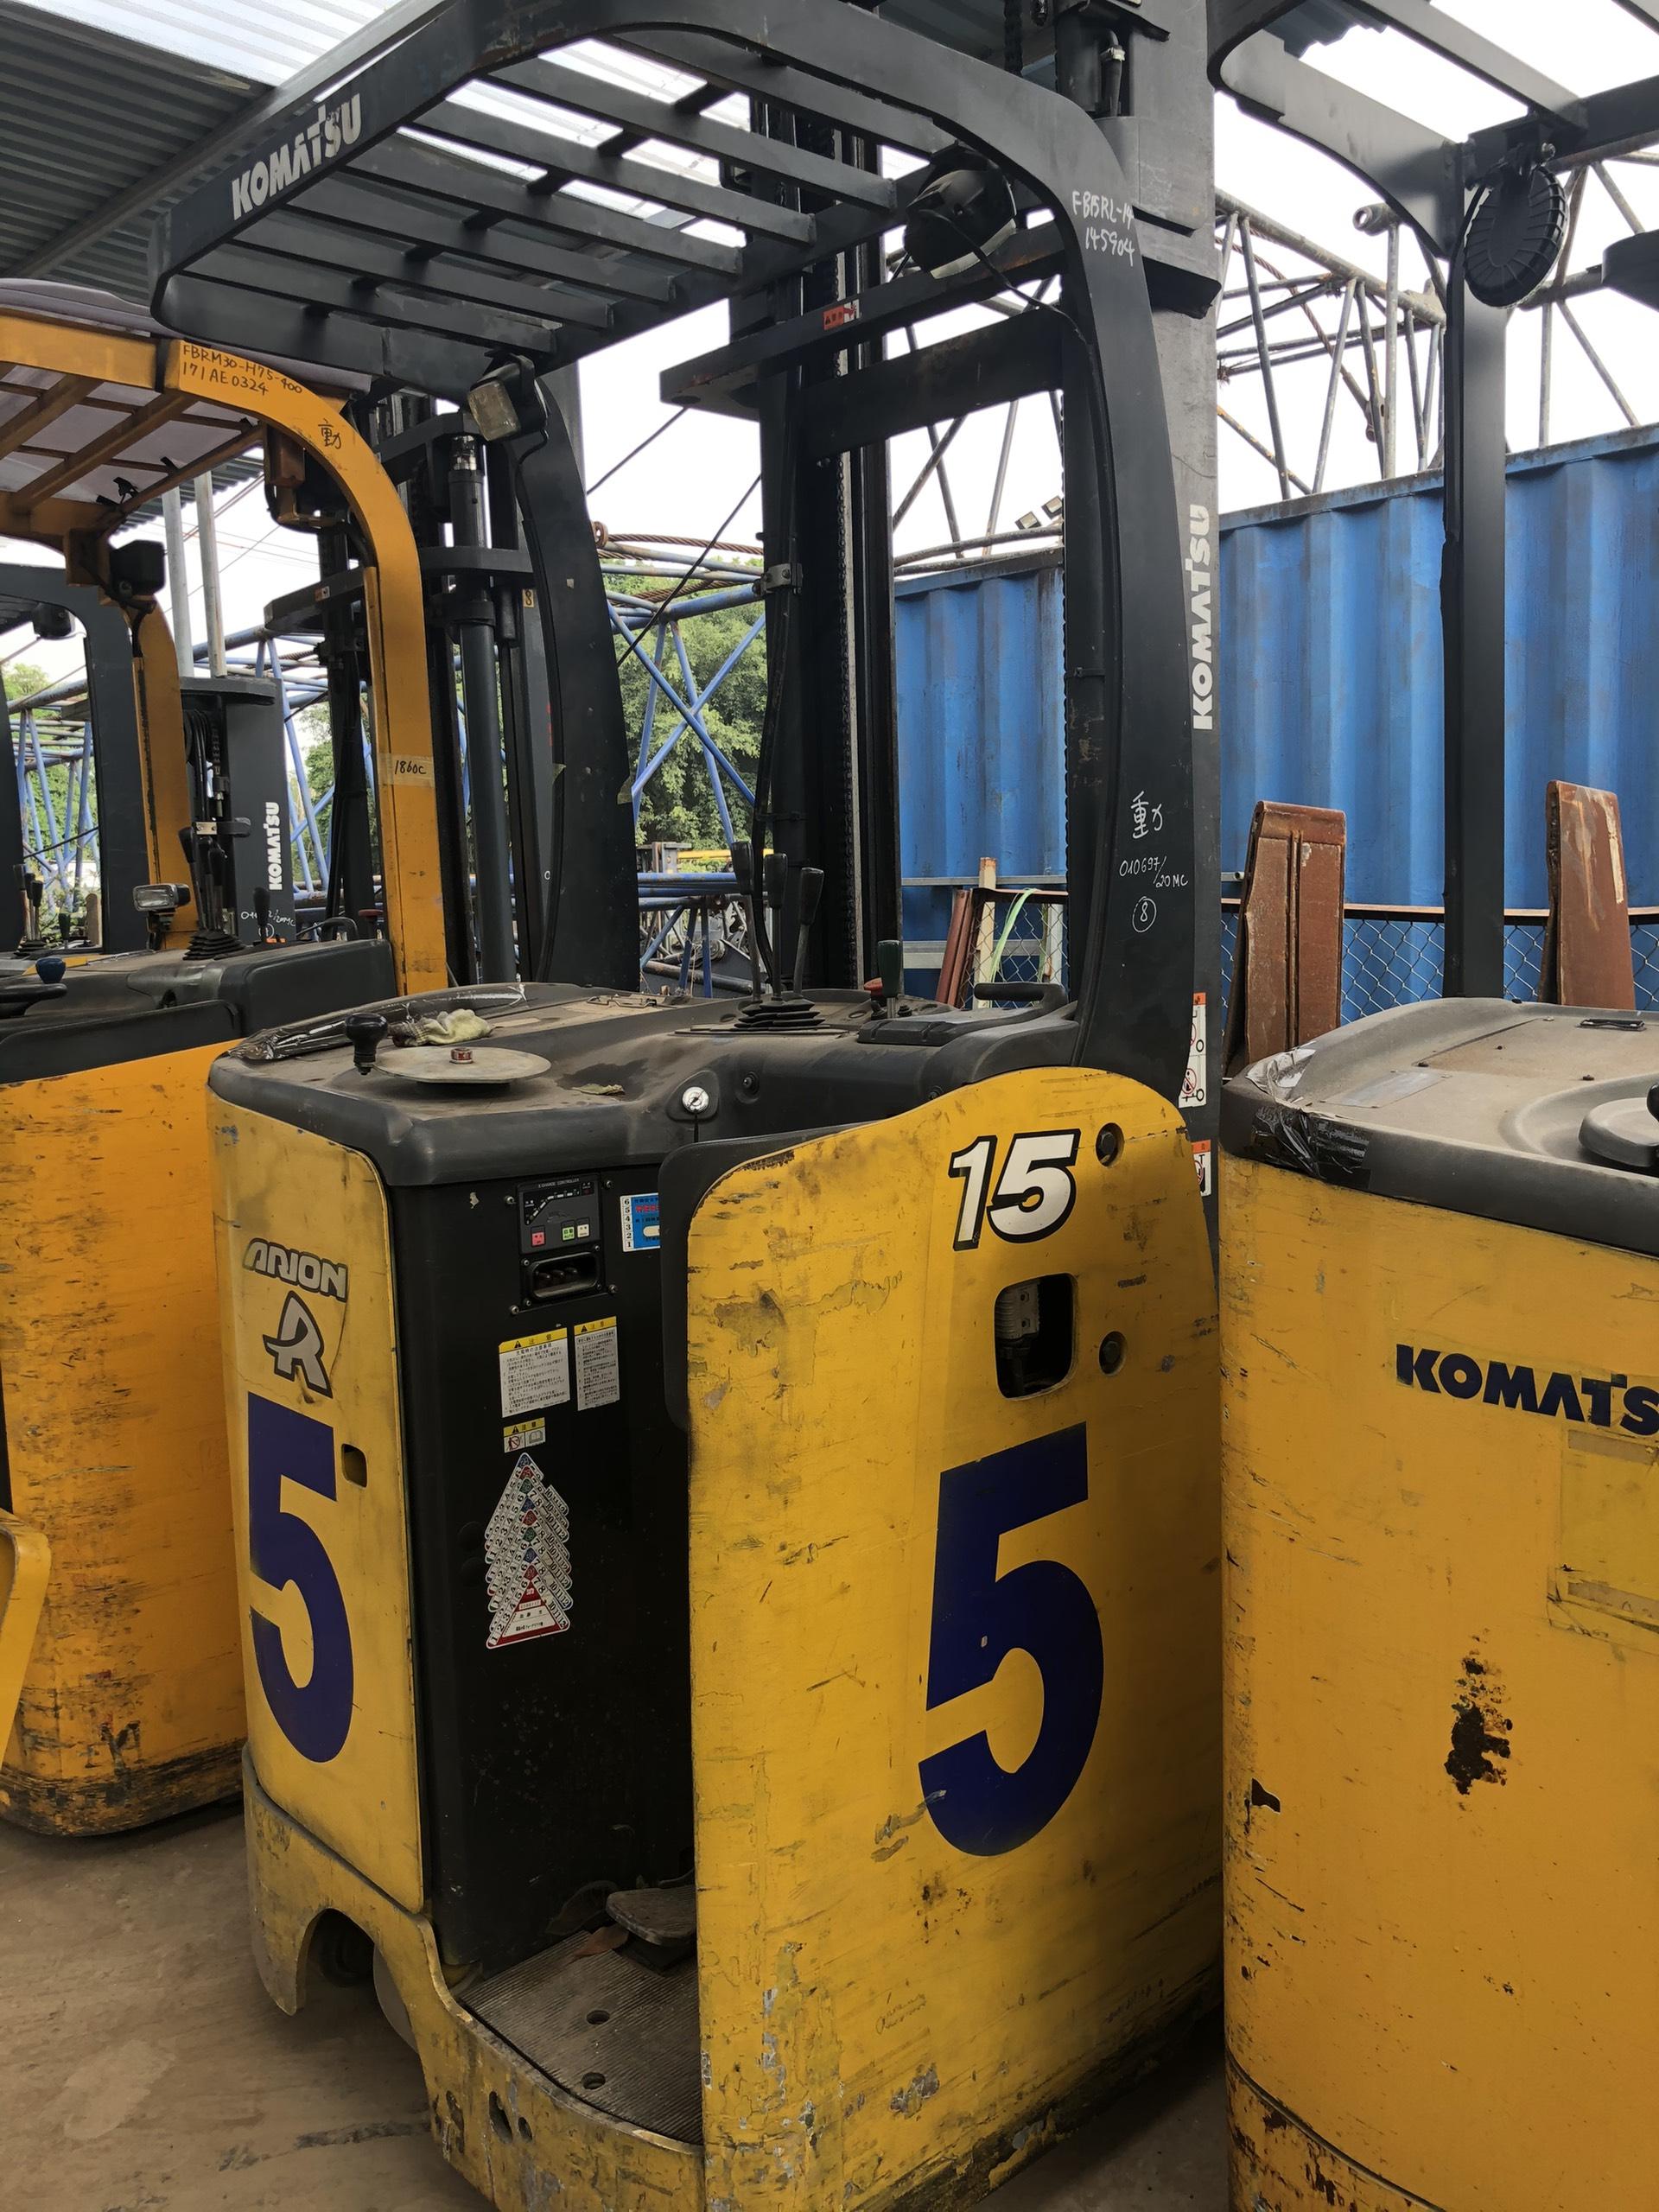 Bán và cho thuê xe nâng điện komatsu 1.5 tấn